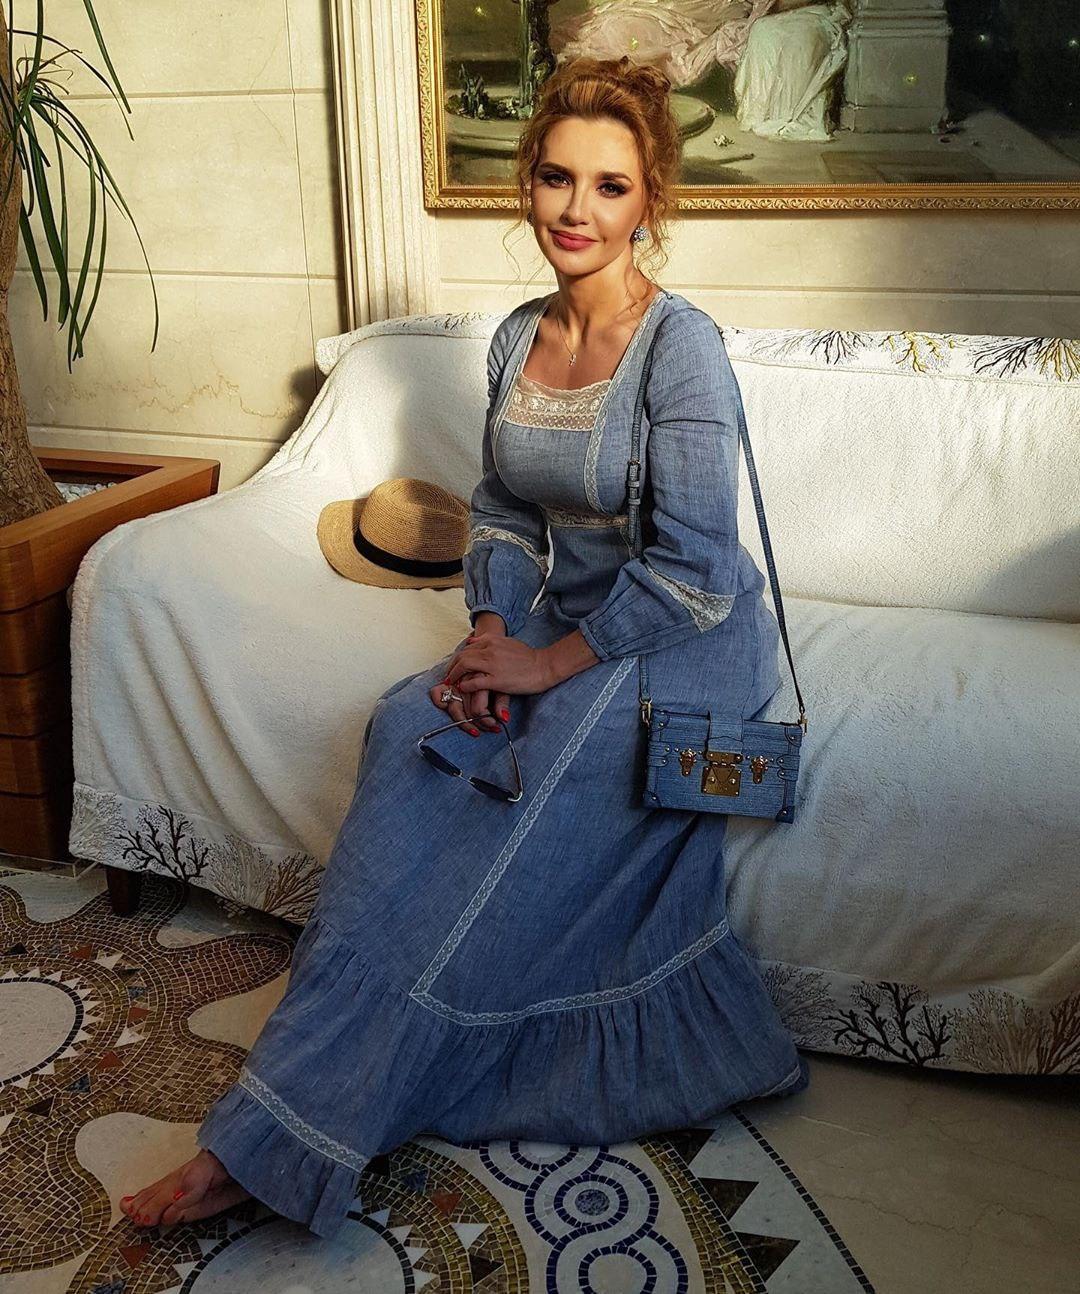 Оксана Марченко новости 2020